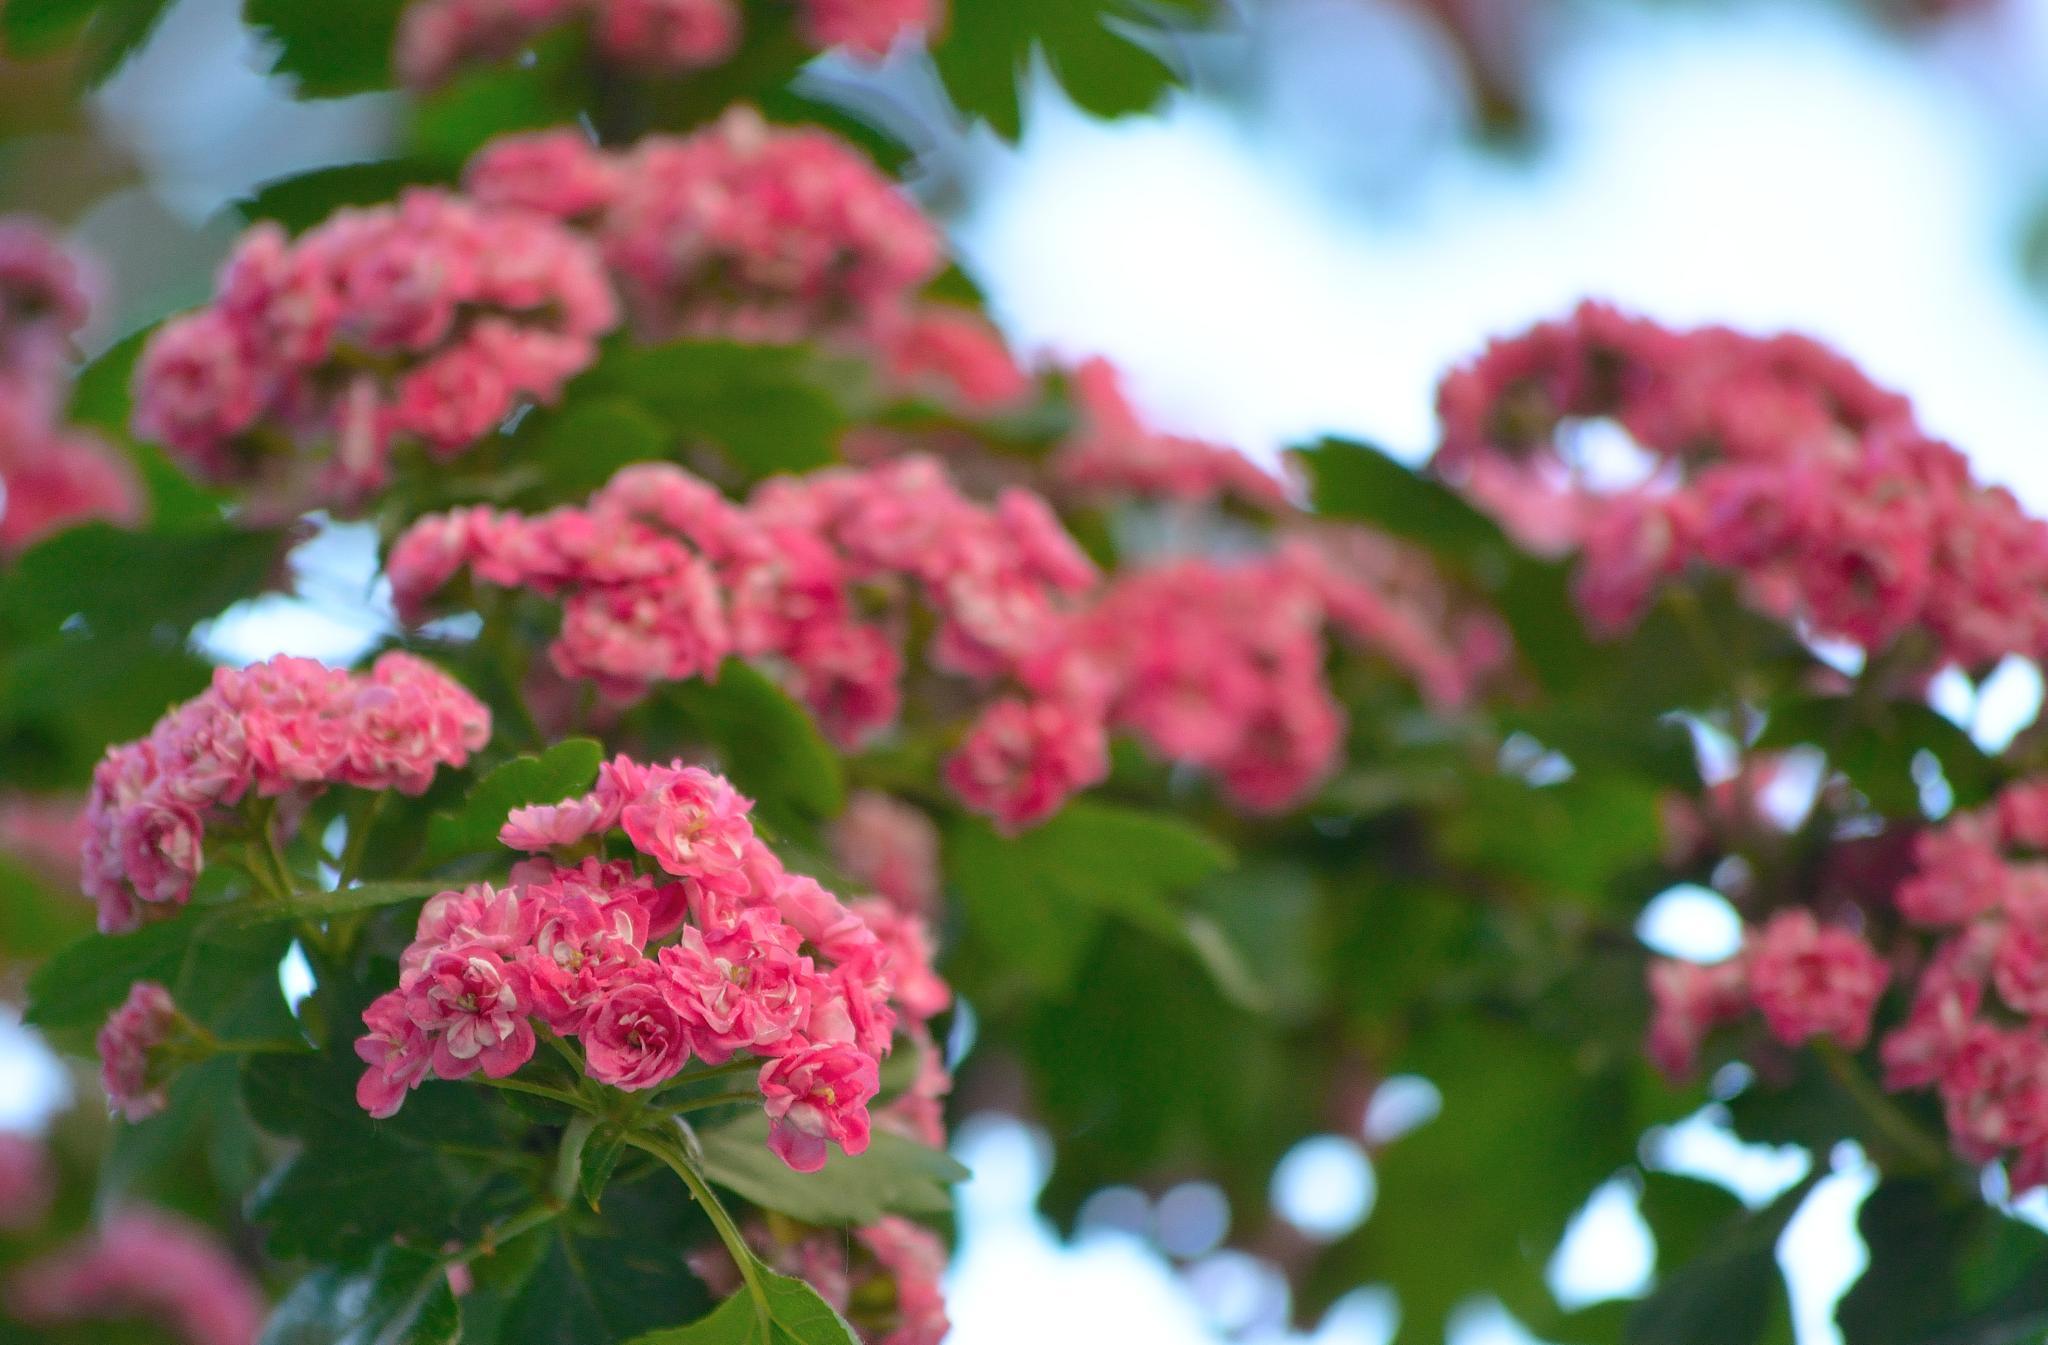 China roses by Silviu Calistru